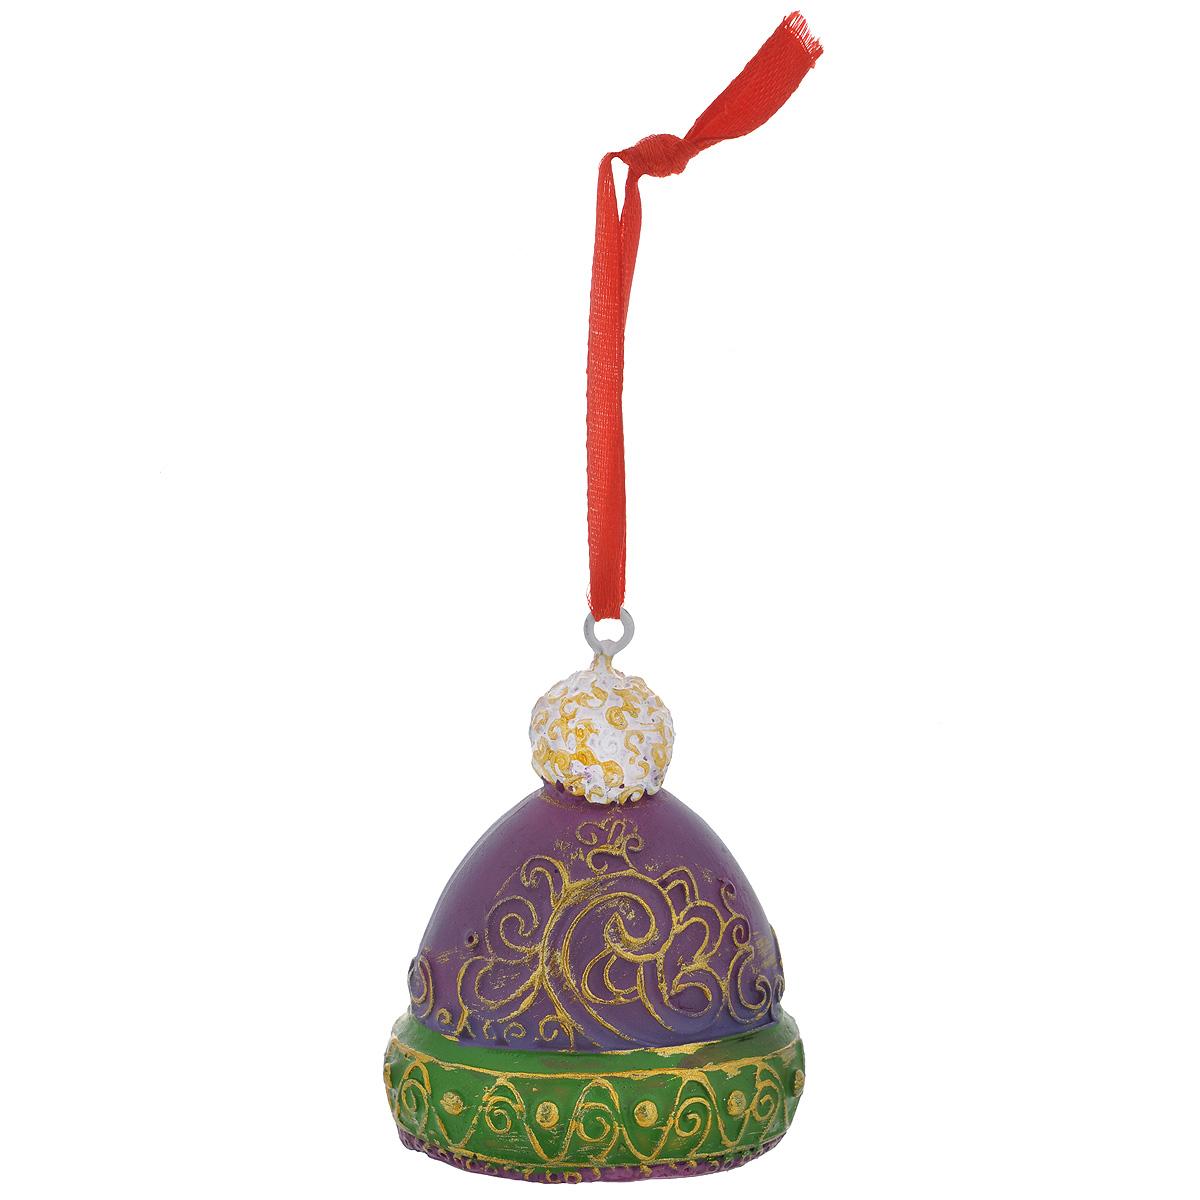 Новогоднее подвесное украшение Шапка, цвет: фиолетовый, зеленый. 3459831069Оригинальное новогоднее украшение из пластика прекрасно подойдет для праздничного декора дома и новогодней ели. Изделие крепится на елку с помощью металлического зажима.